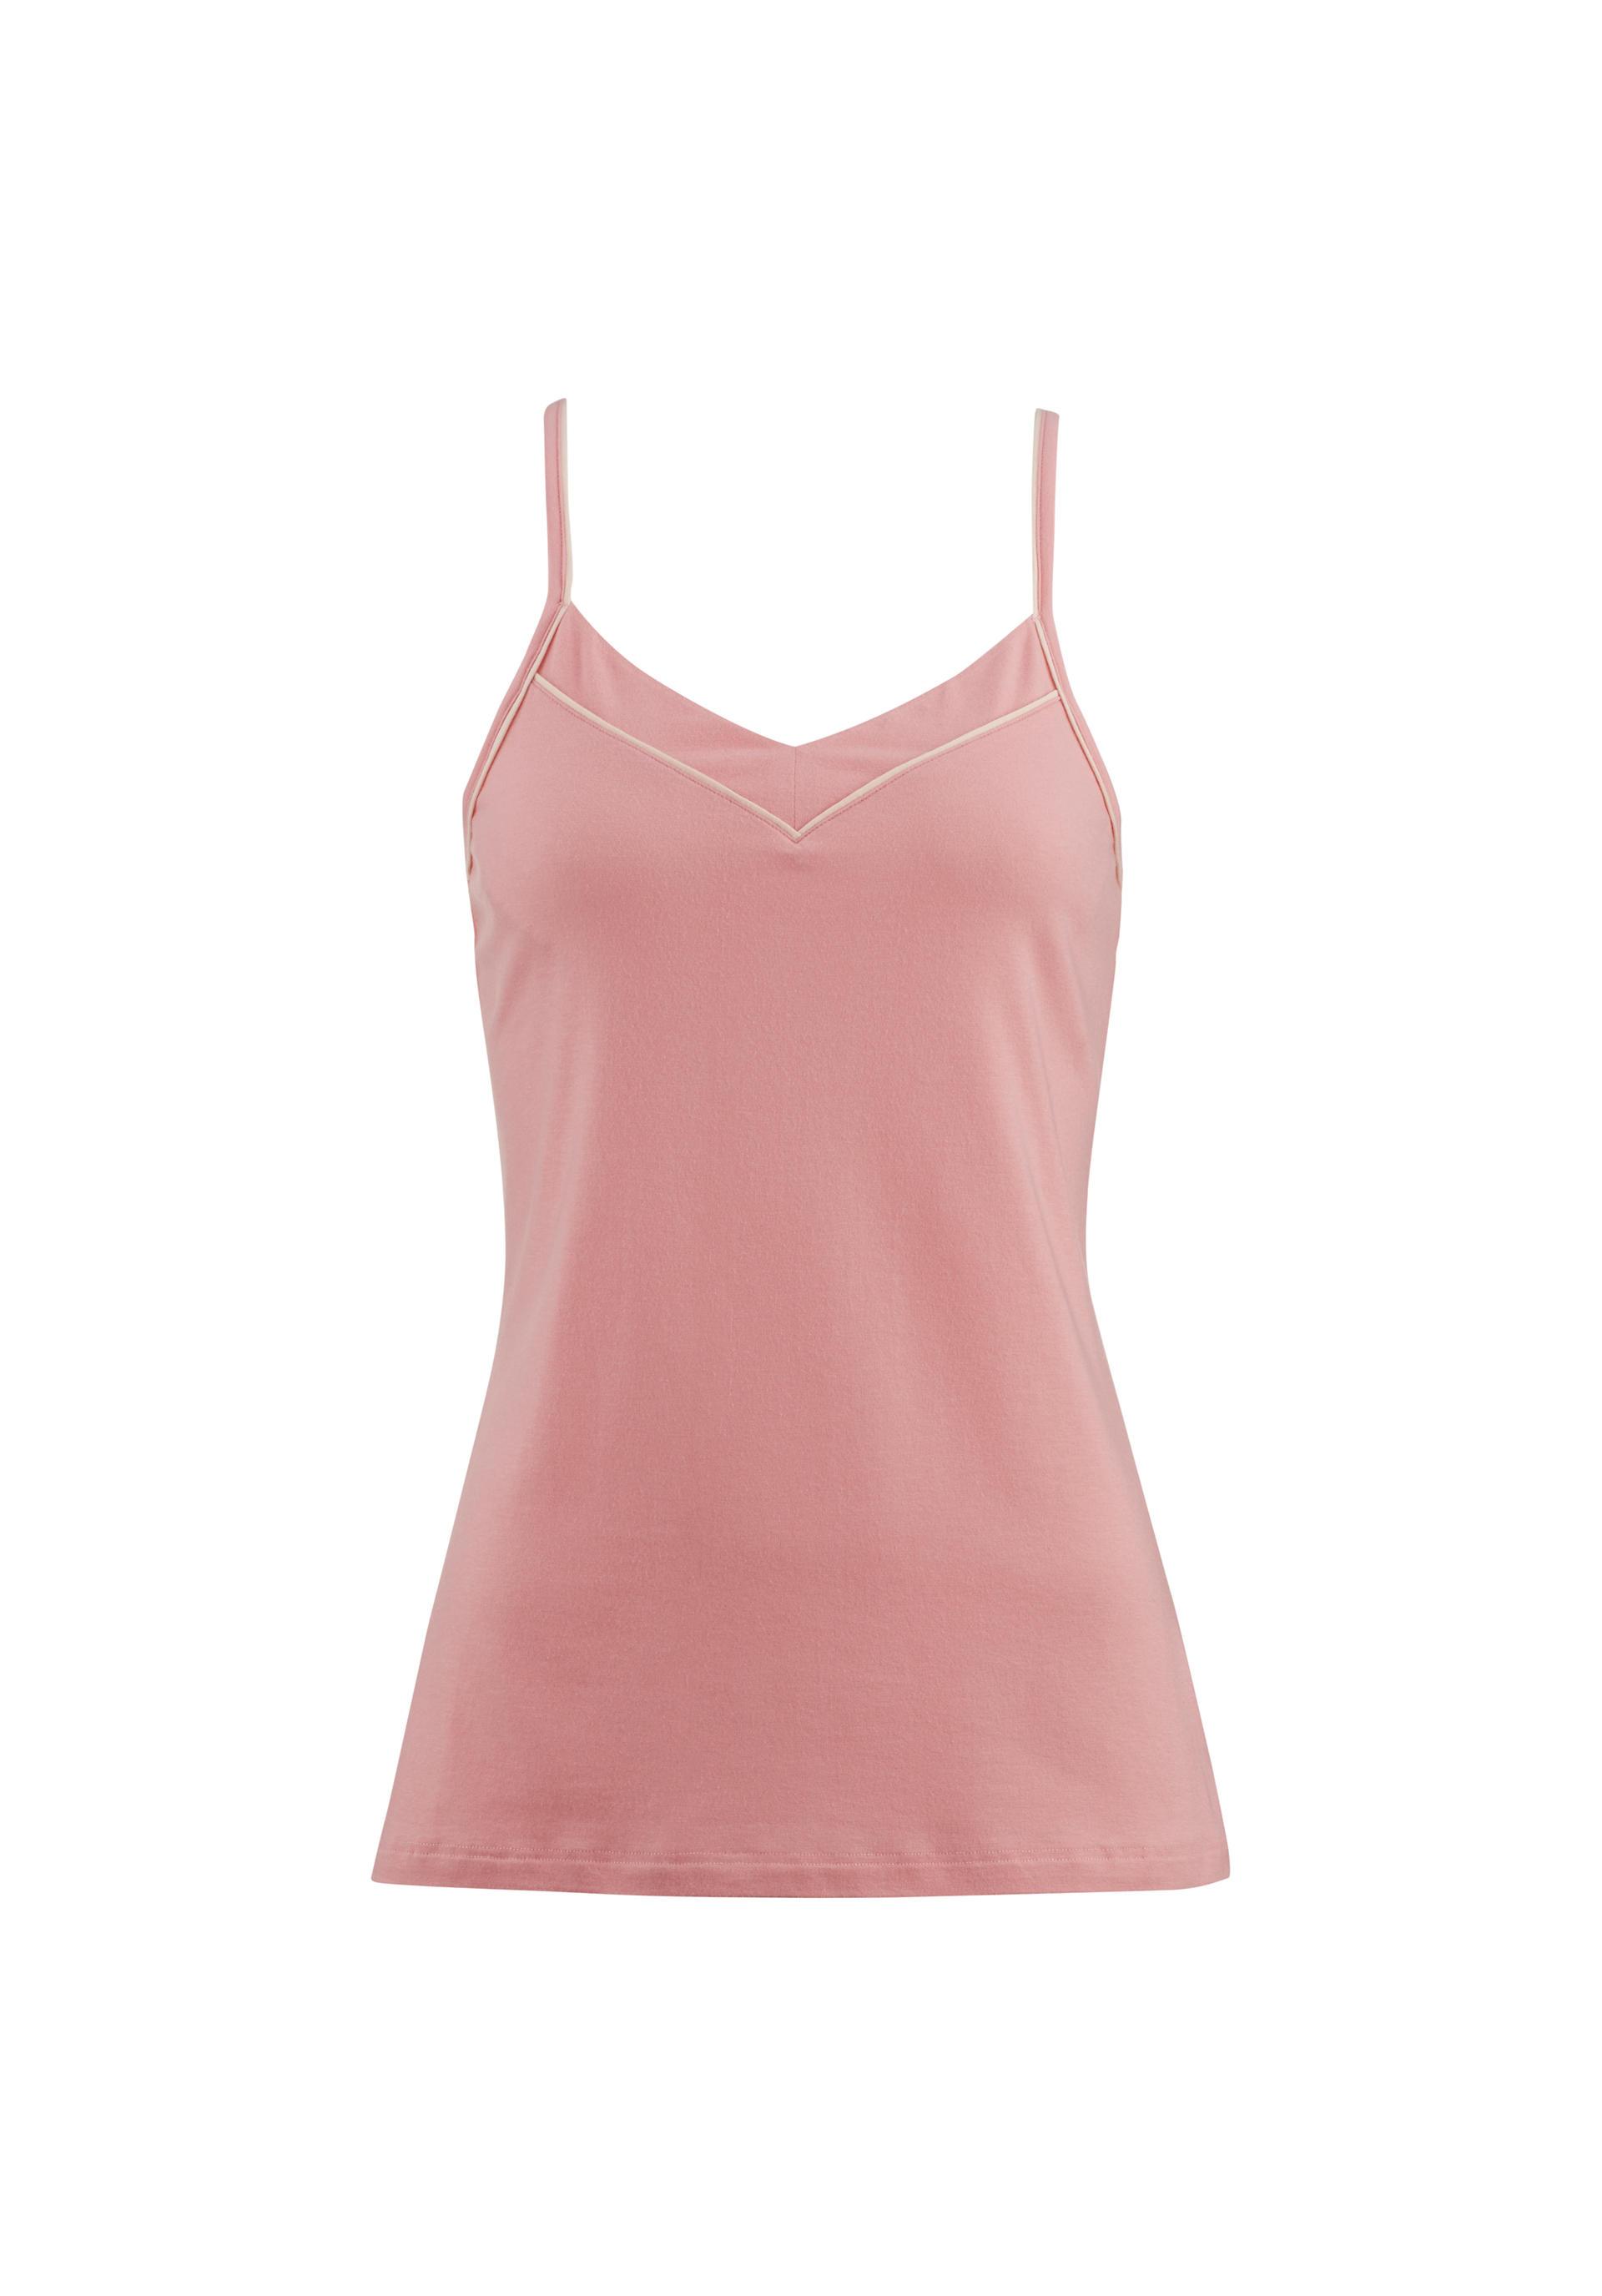 low priced 494f2 ffb90 Damen Unterhemd aus Bio-Baumwolle und Modal von hessnatur